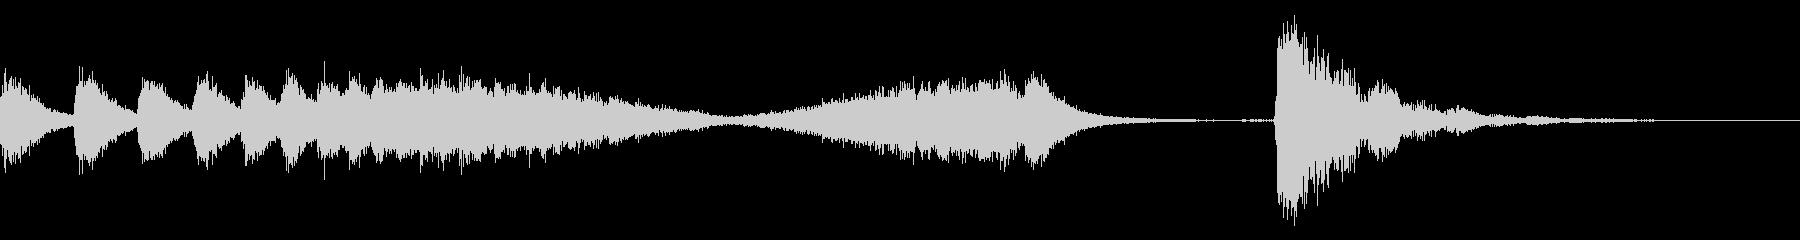 和風な歌舞伎の附け木フレーズ ジングル2の未再生の波形